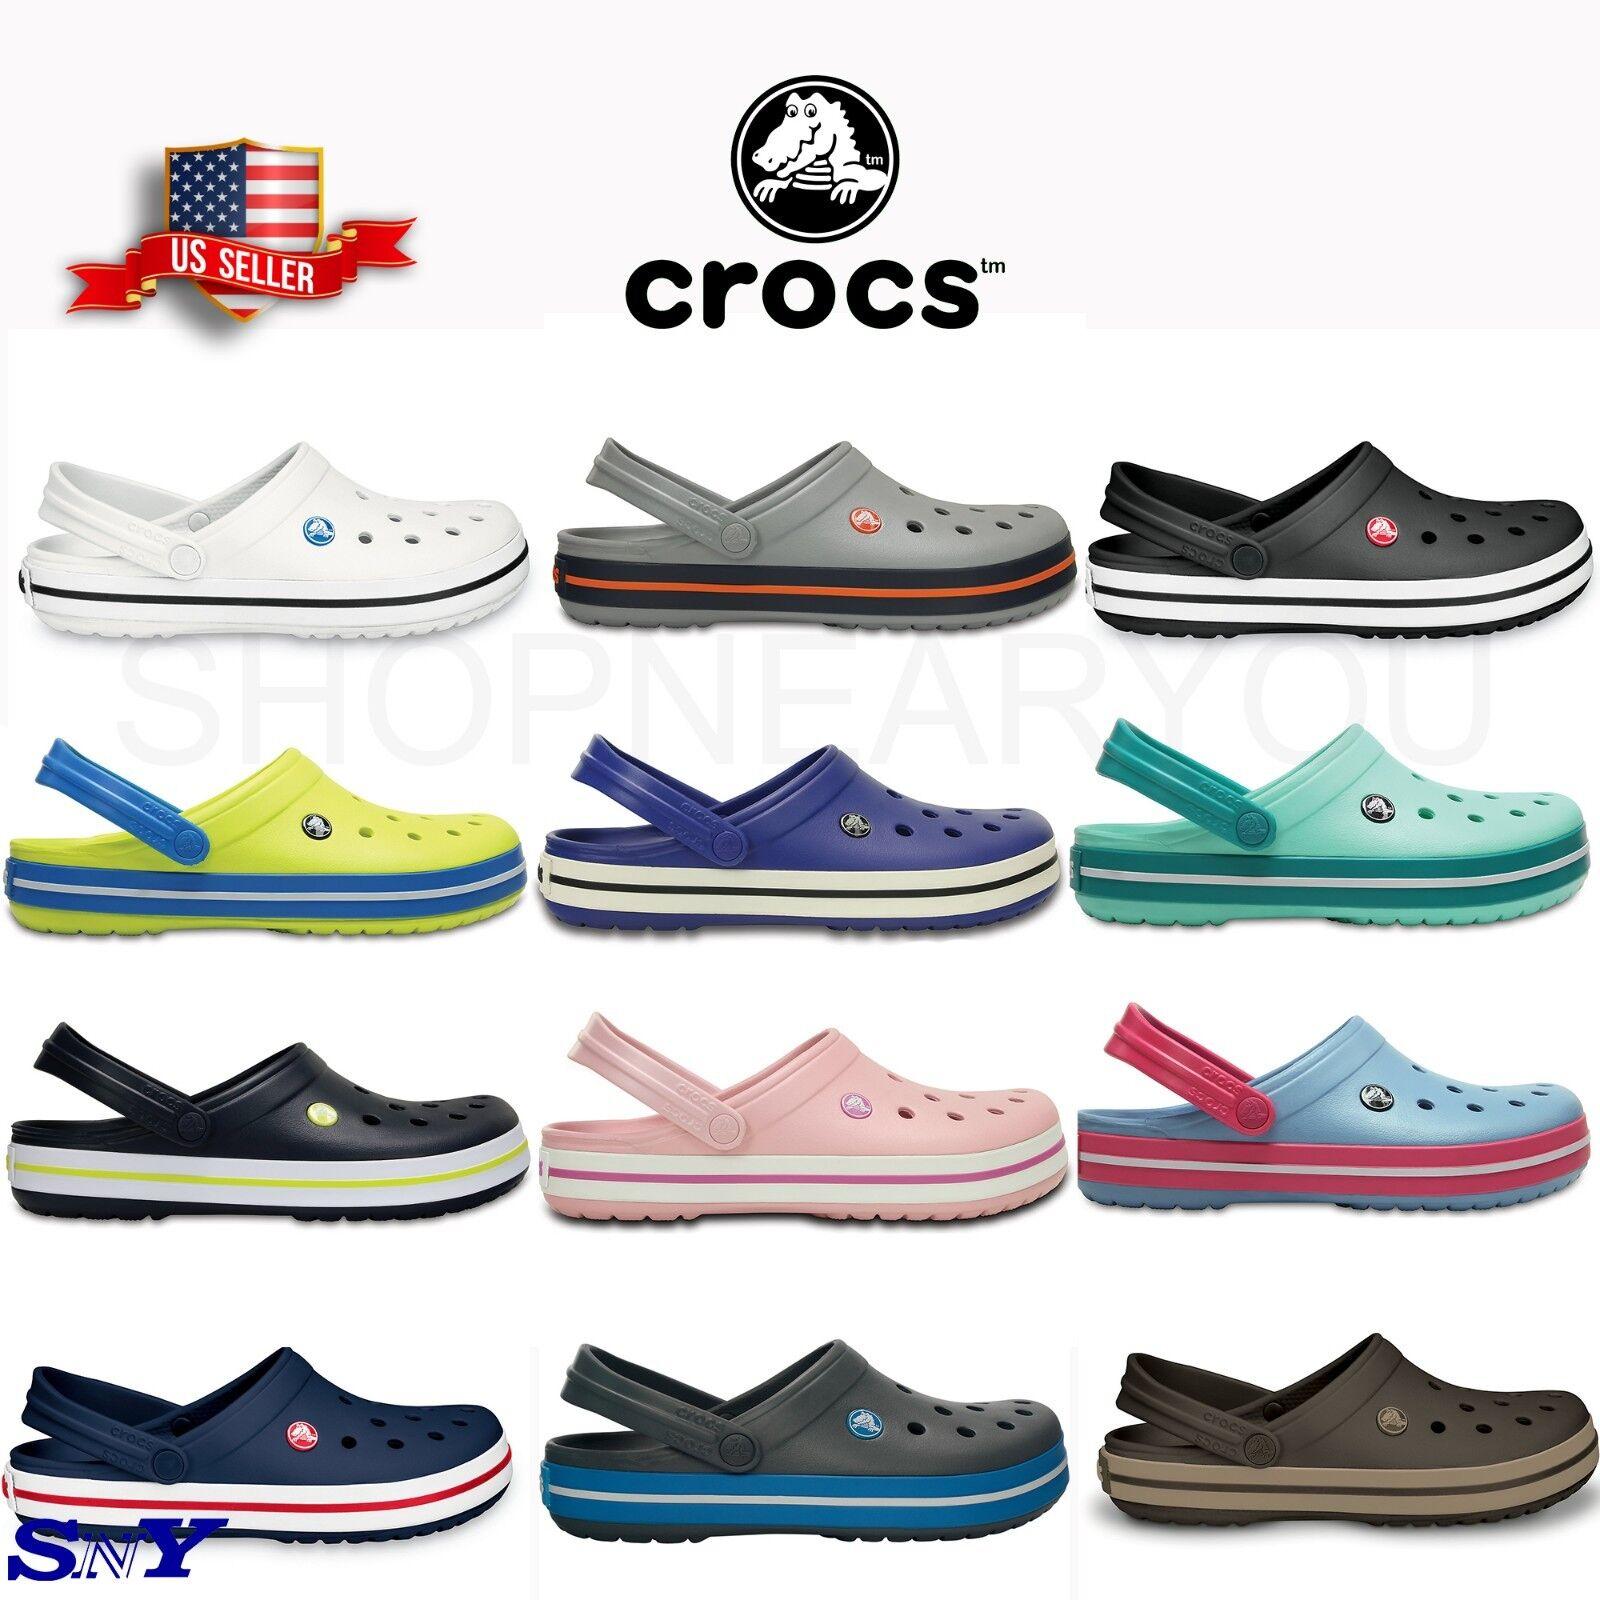 Zueco Crocs Crocs Crocs Unisex Crocband Zapatillas tamaño para hombre Sandalias De Espuma Ultraligero  estar en gran demanda